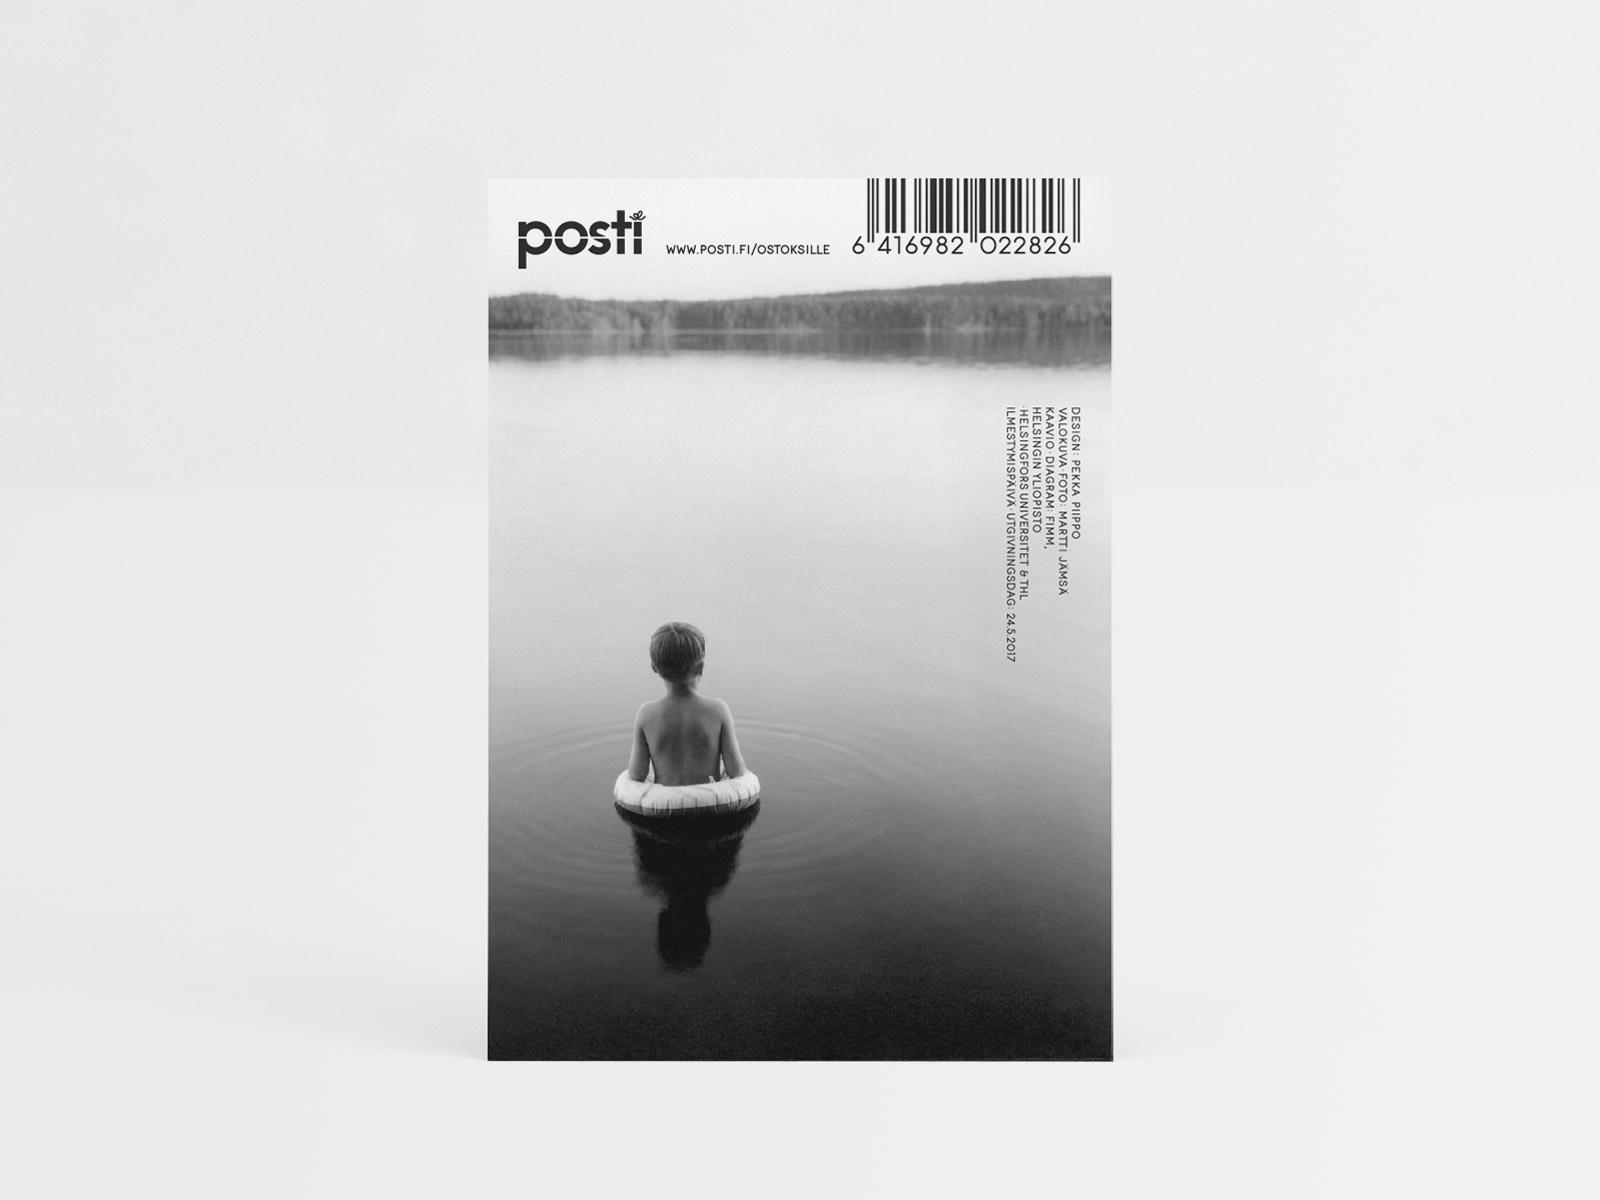 posti-vaakunamerkki-arkki-2018-08-31